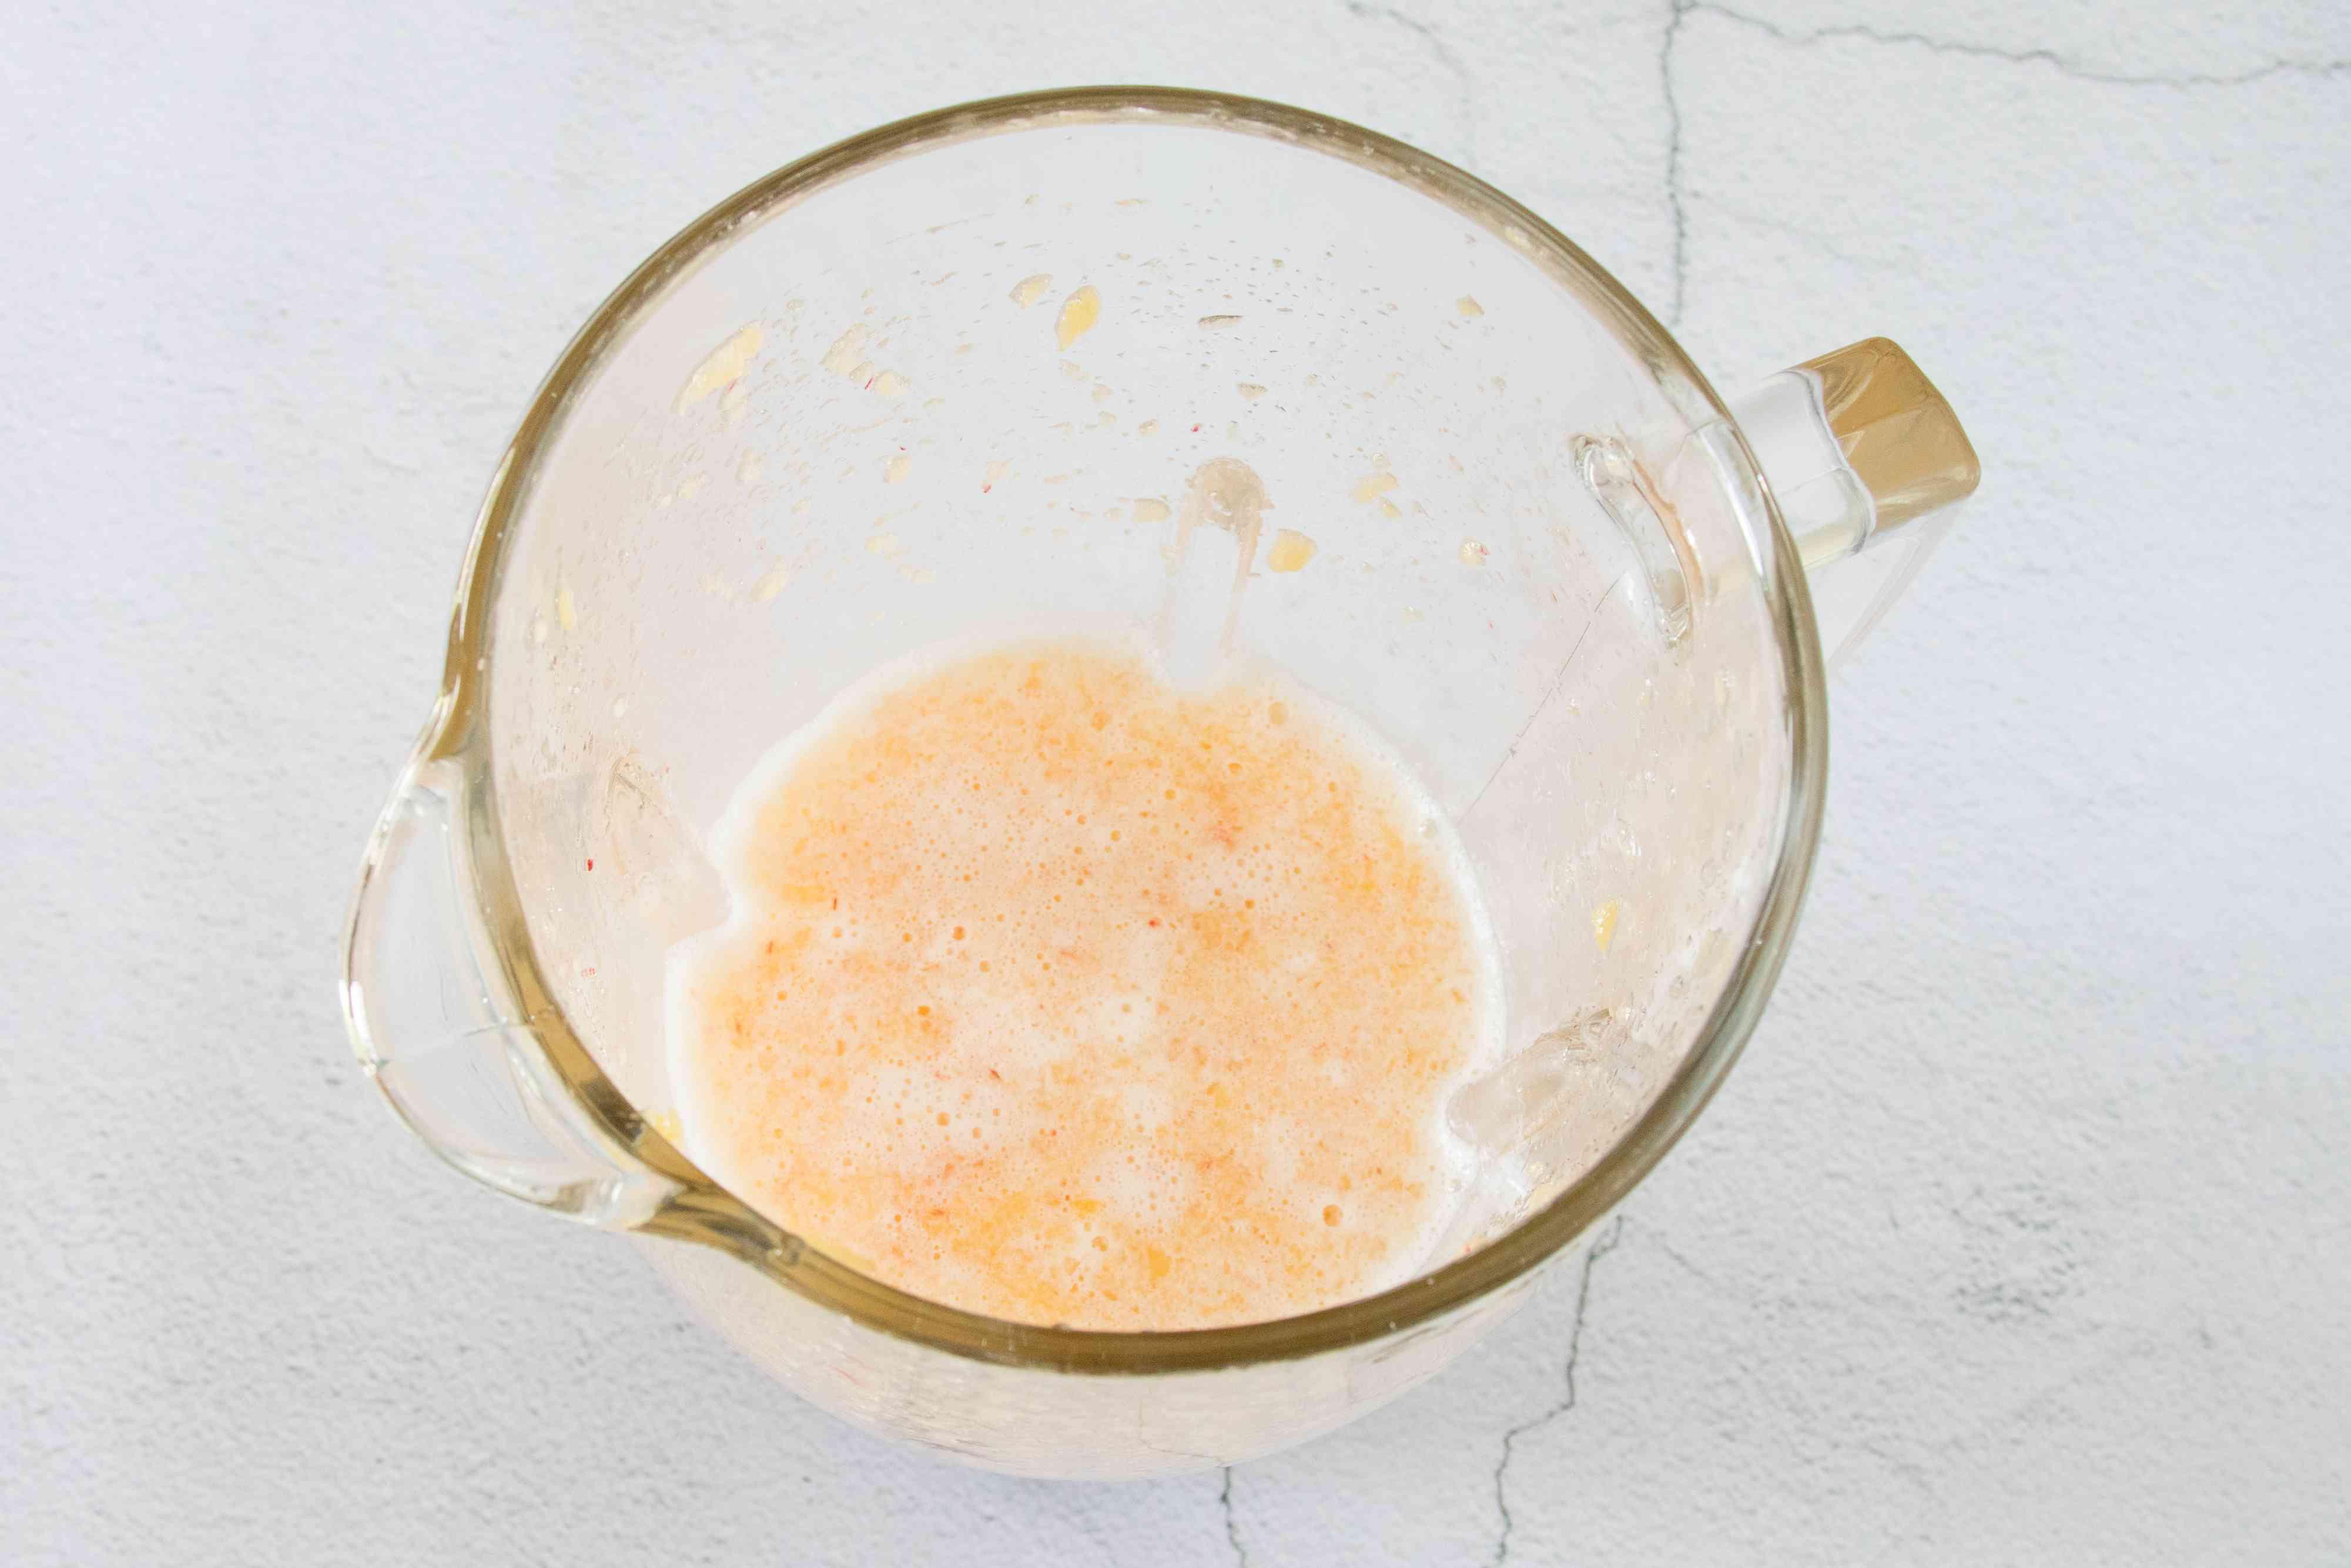 Blended Peach Margarita in blender